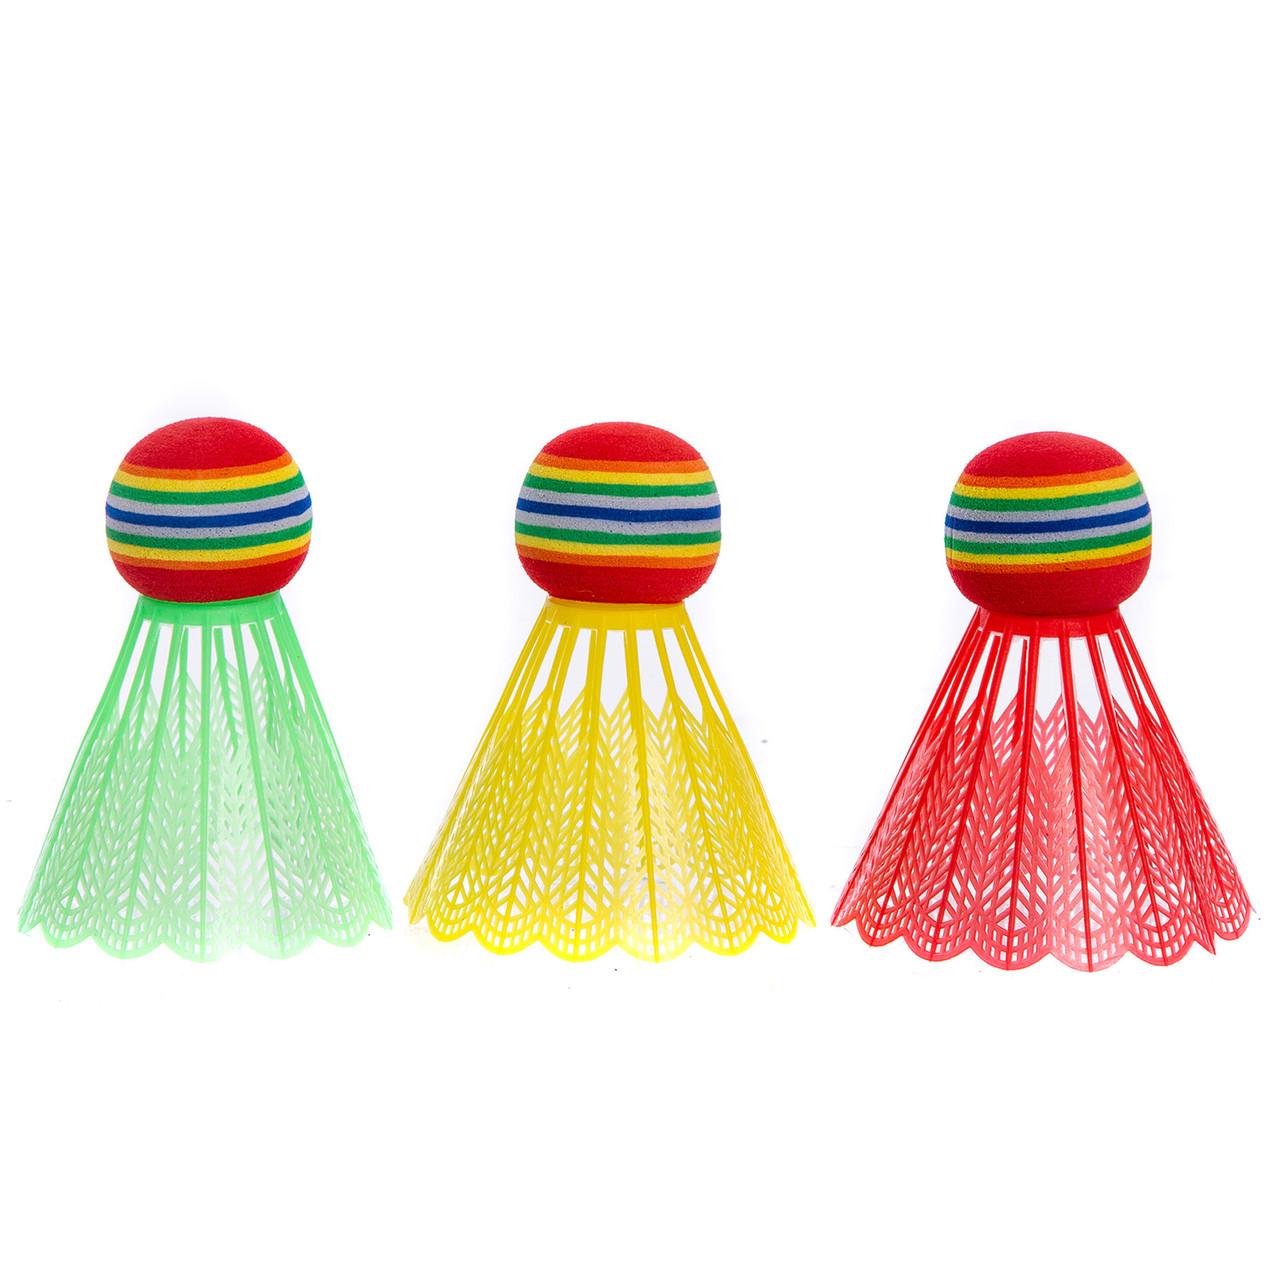 Воланы для бадминтона пластиковые (3шт) в блистере BD-3323 (разноцветный)